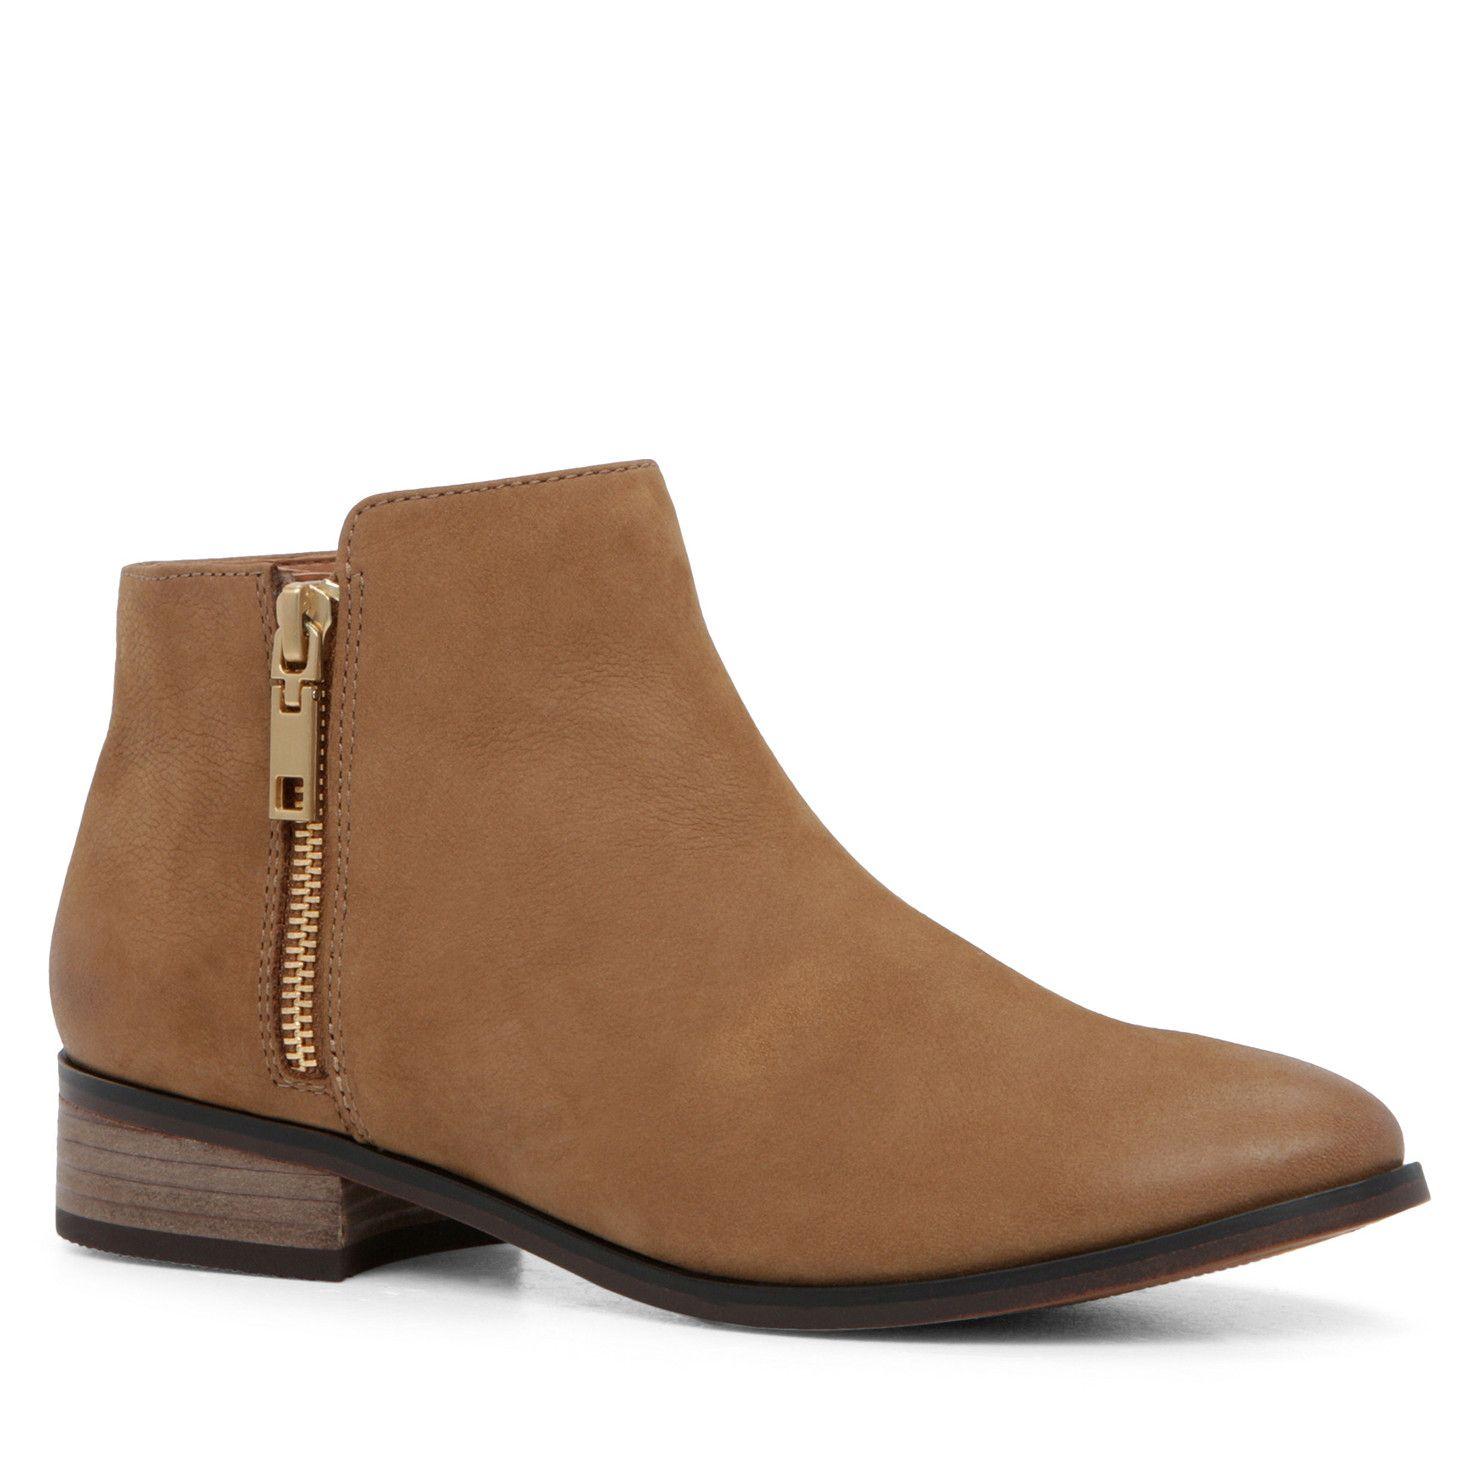 JULIANNA Ankle Boots | Women's Boots | ALDOShoes.com